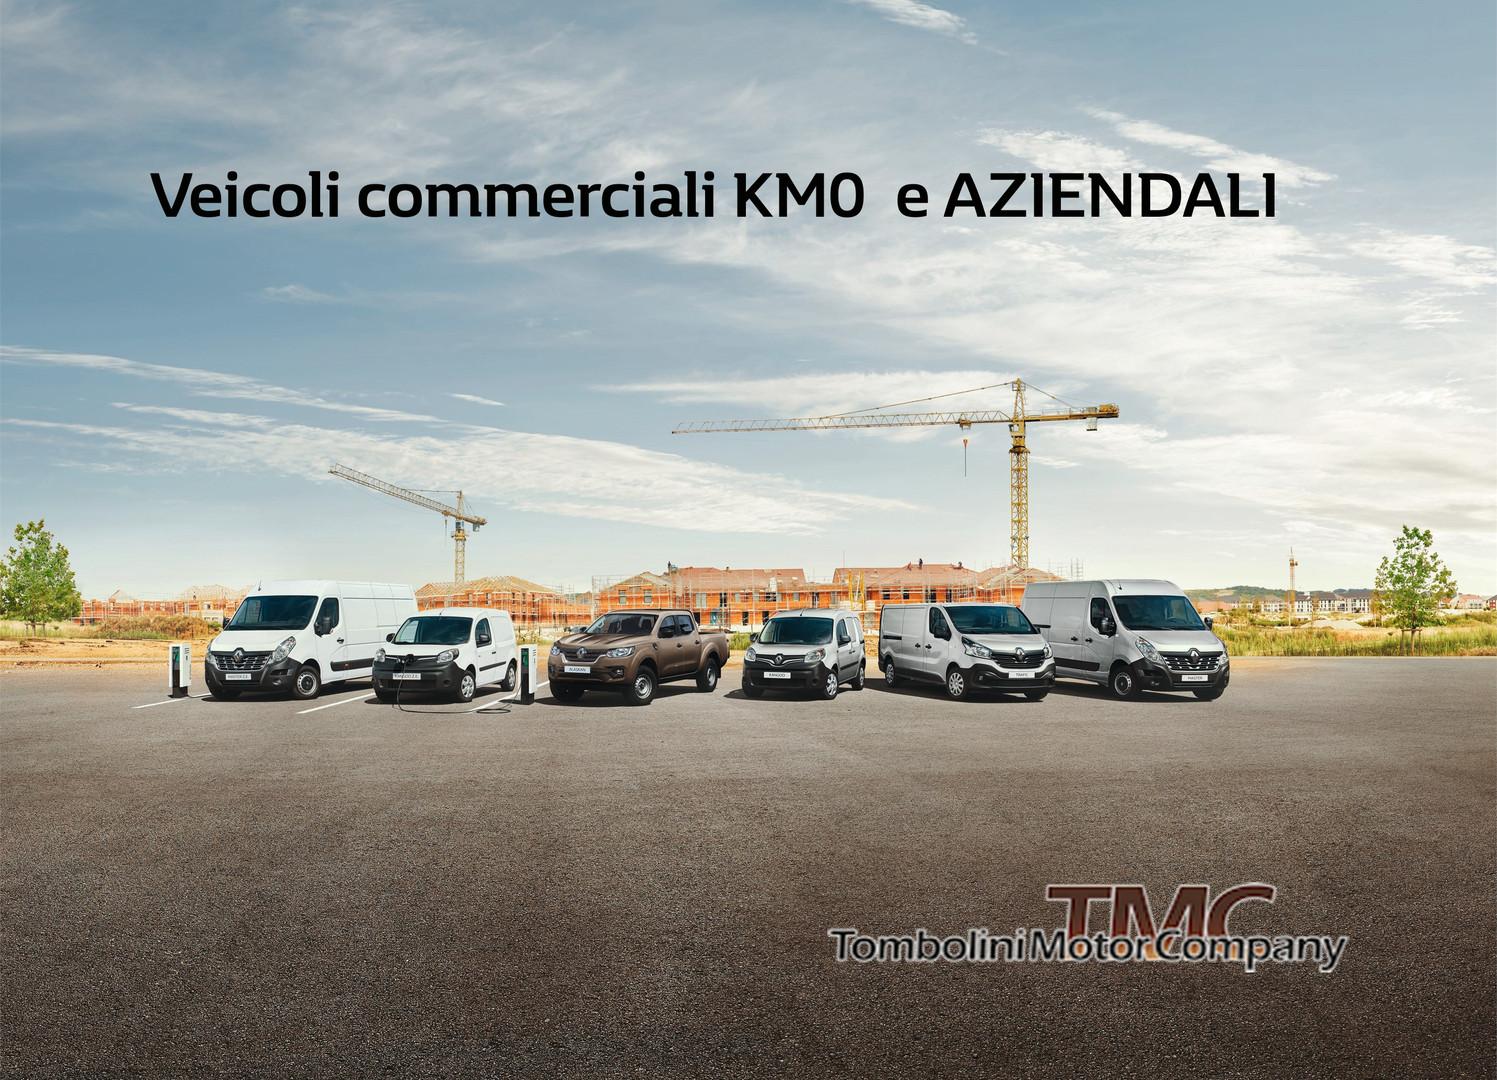 2018 - LCV range and LCV Z.E. range